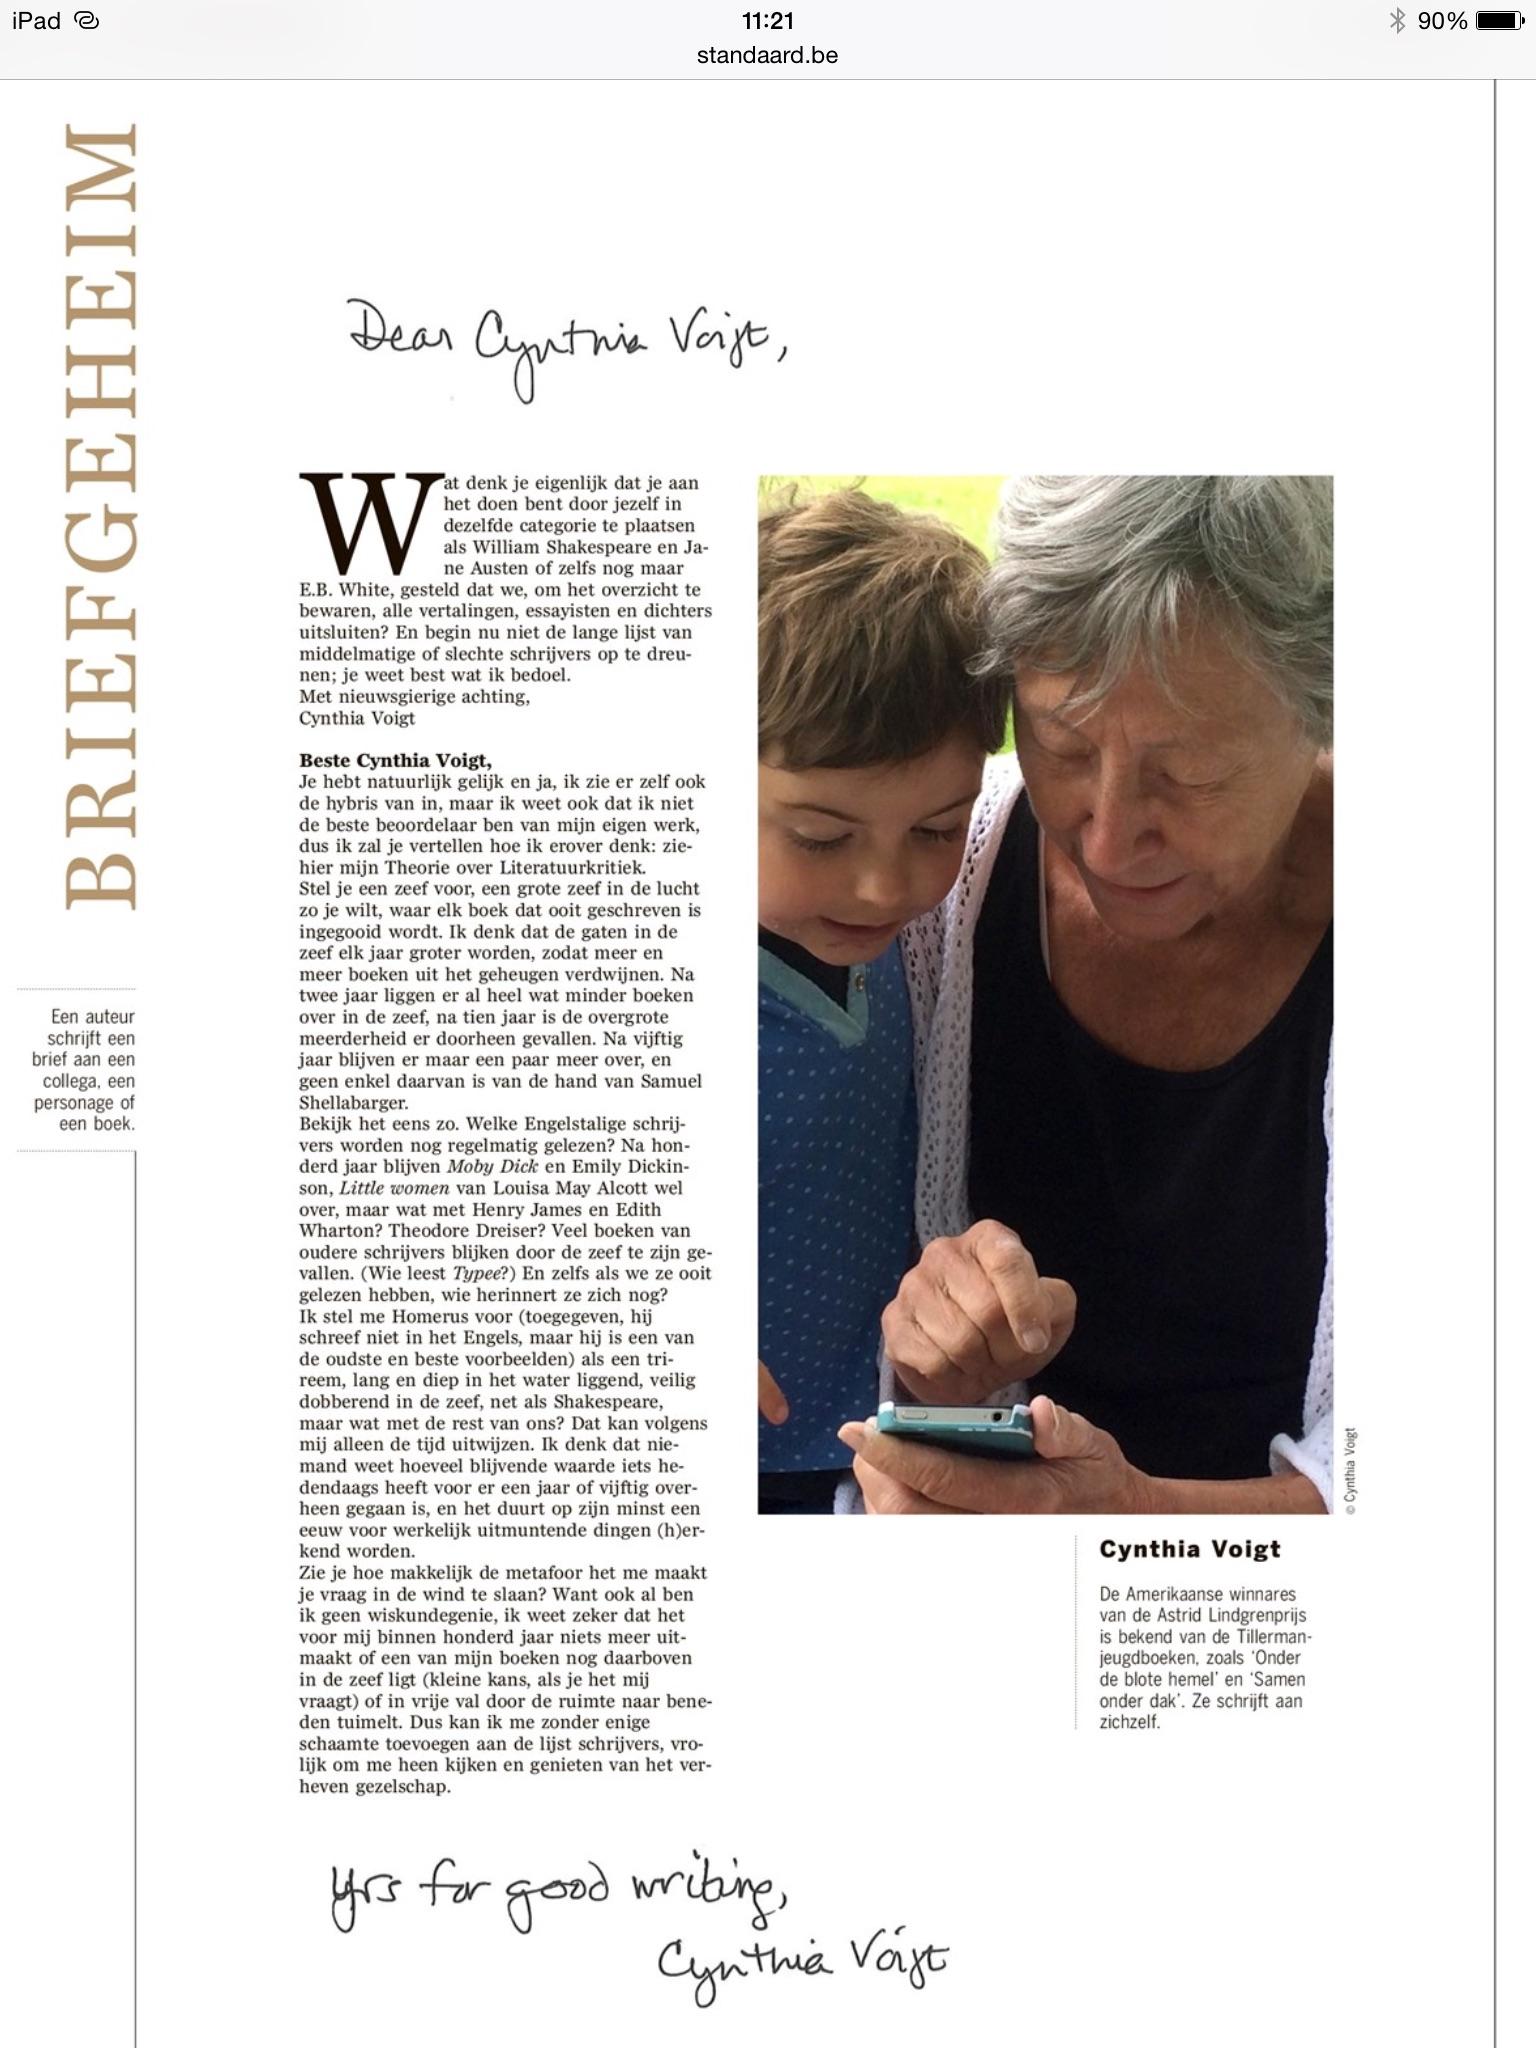 Cynthia Voigt schrijft Cynthia Voigt #briefgeheim #DSLetteren